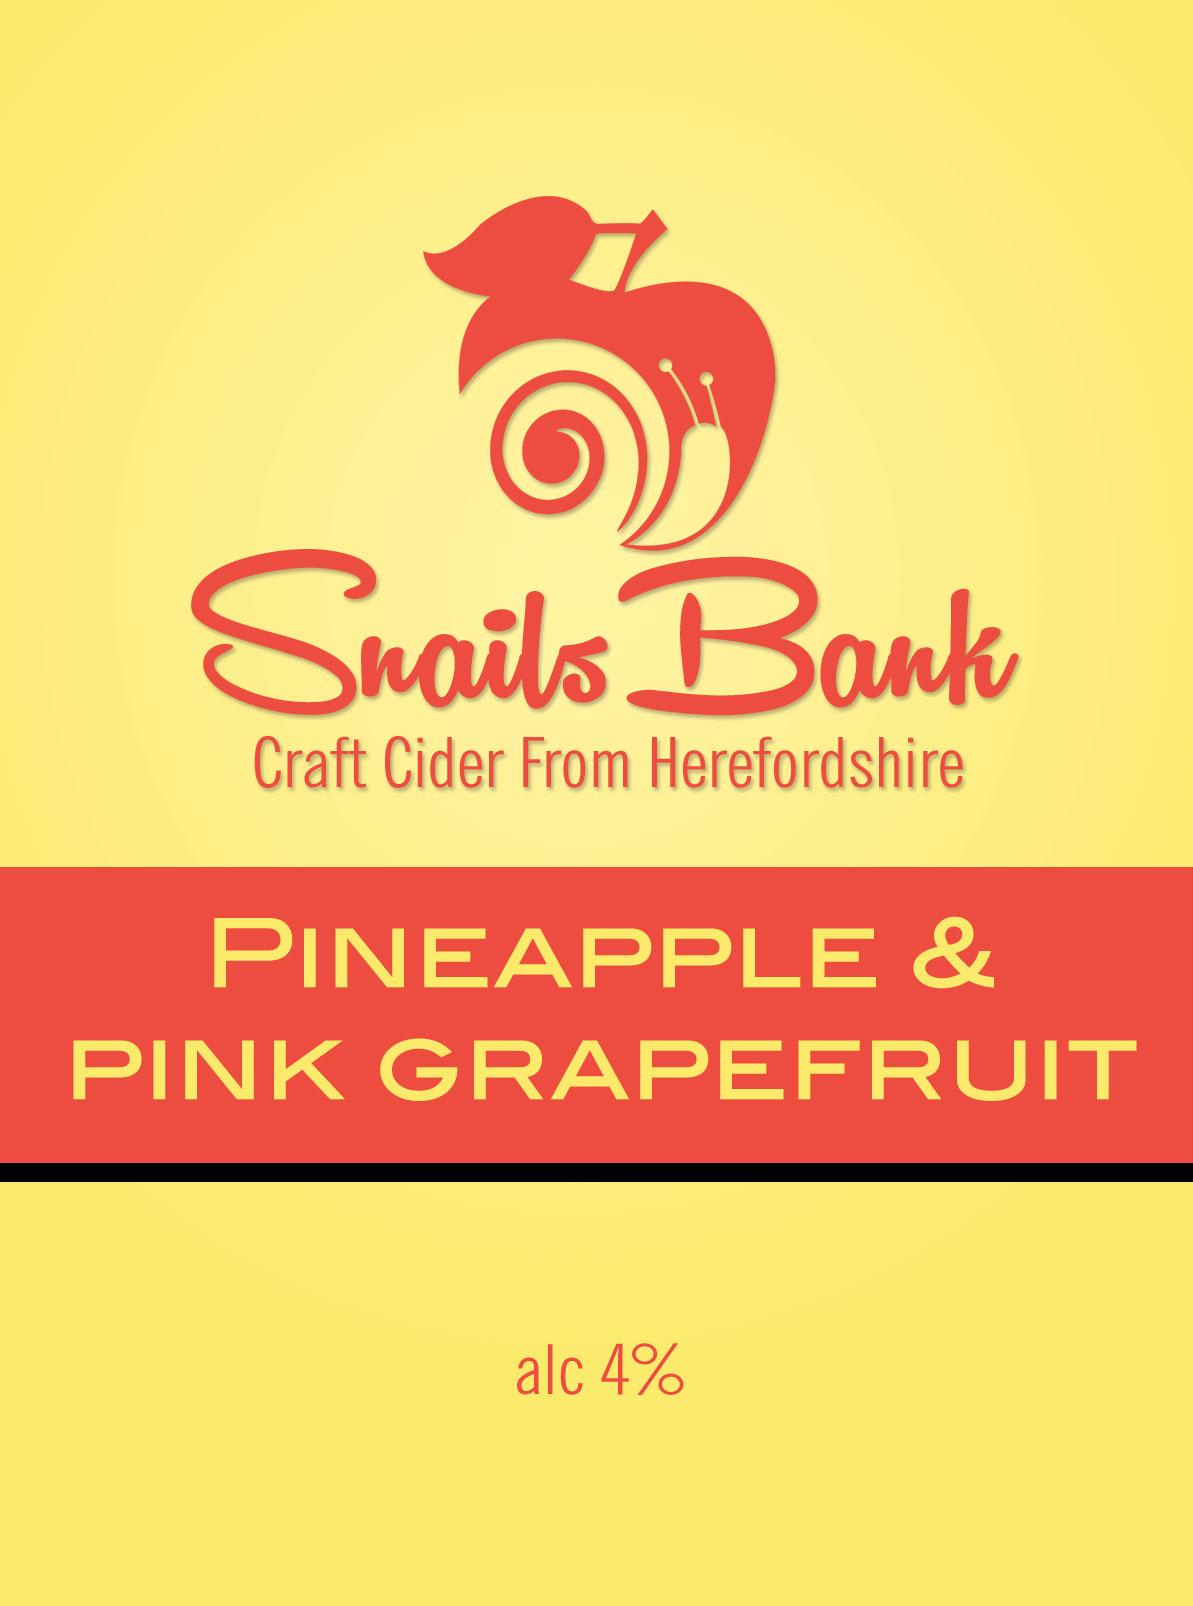 Snails Bank Pineapple & Pink Grapefruit Cider 20Ltr Bib 4.0%